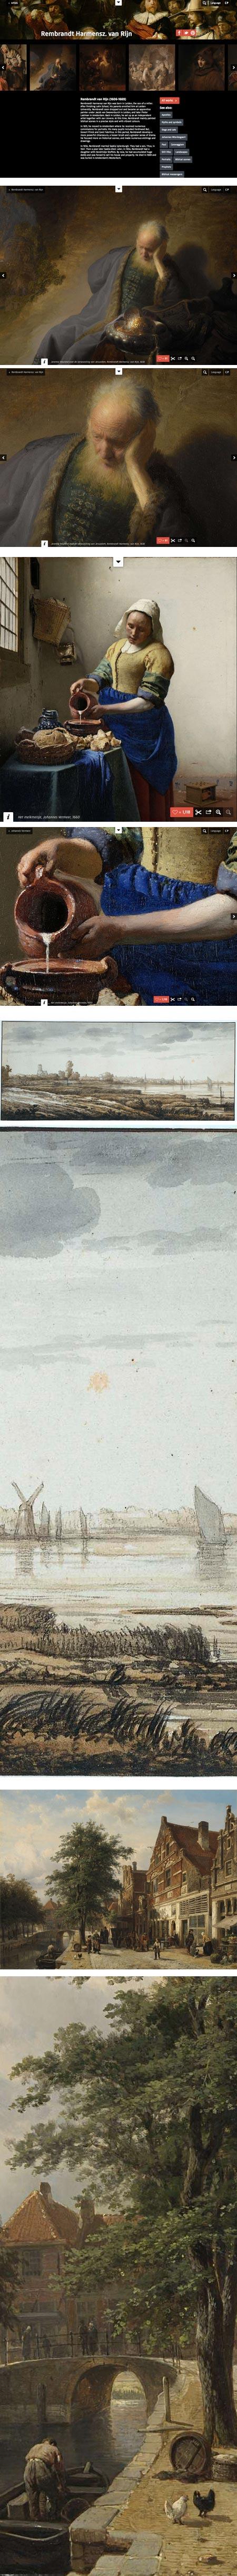 New Rikjsmuseum website: Rembrandt, Vermeer, Aelbert Cuyp, Cornelis Springer